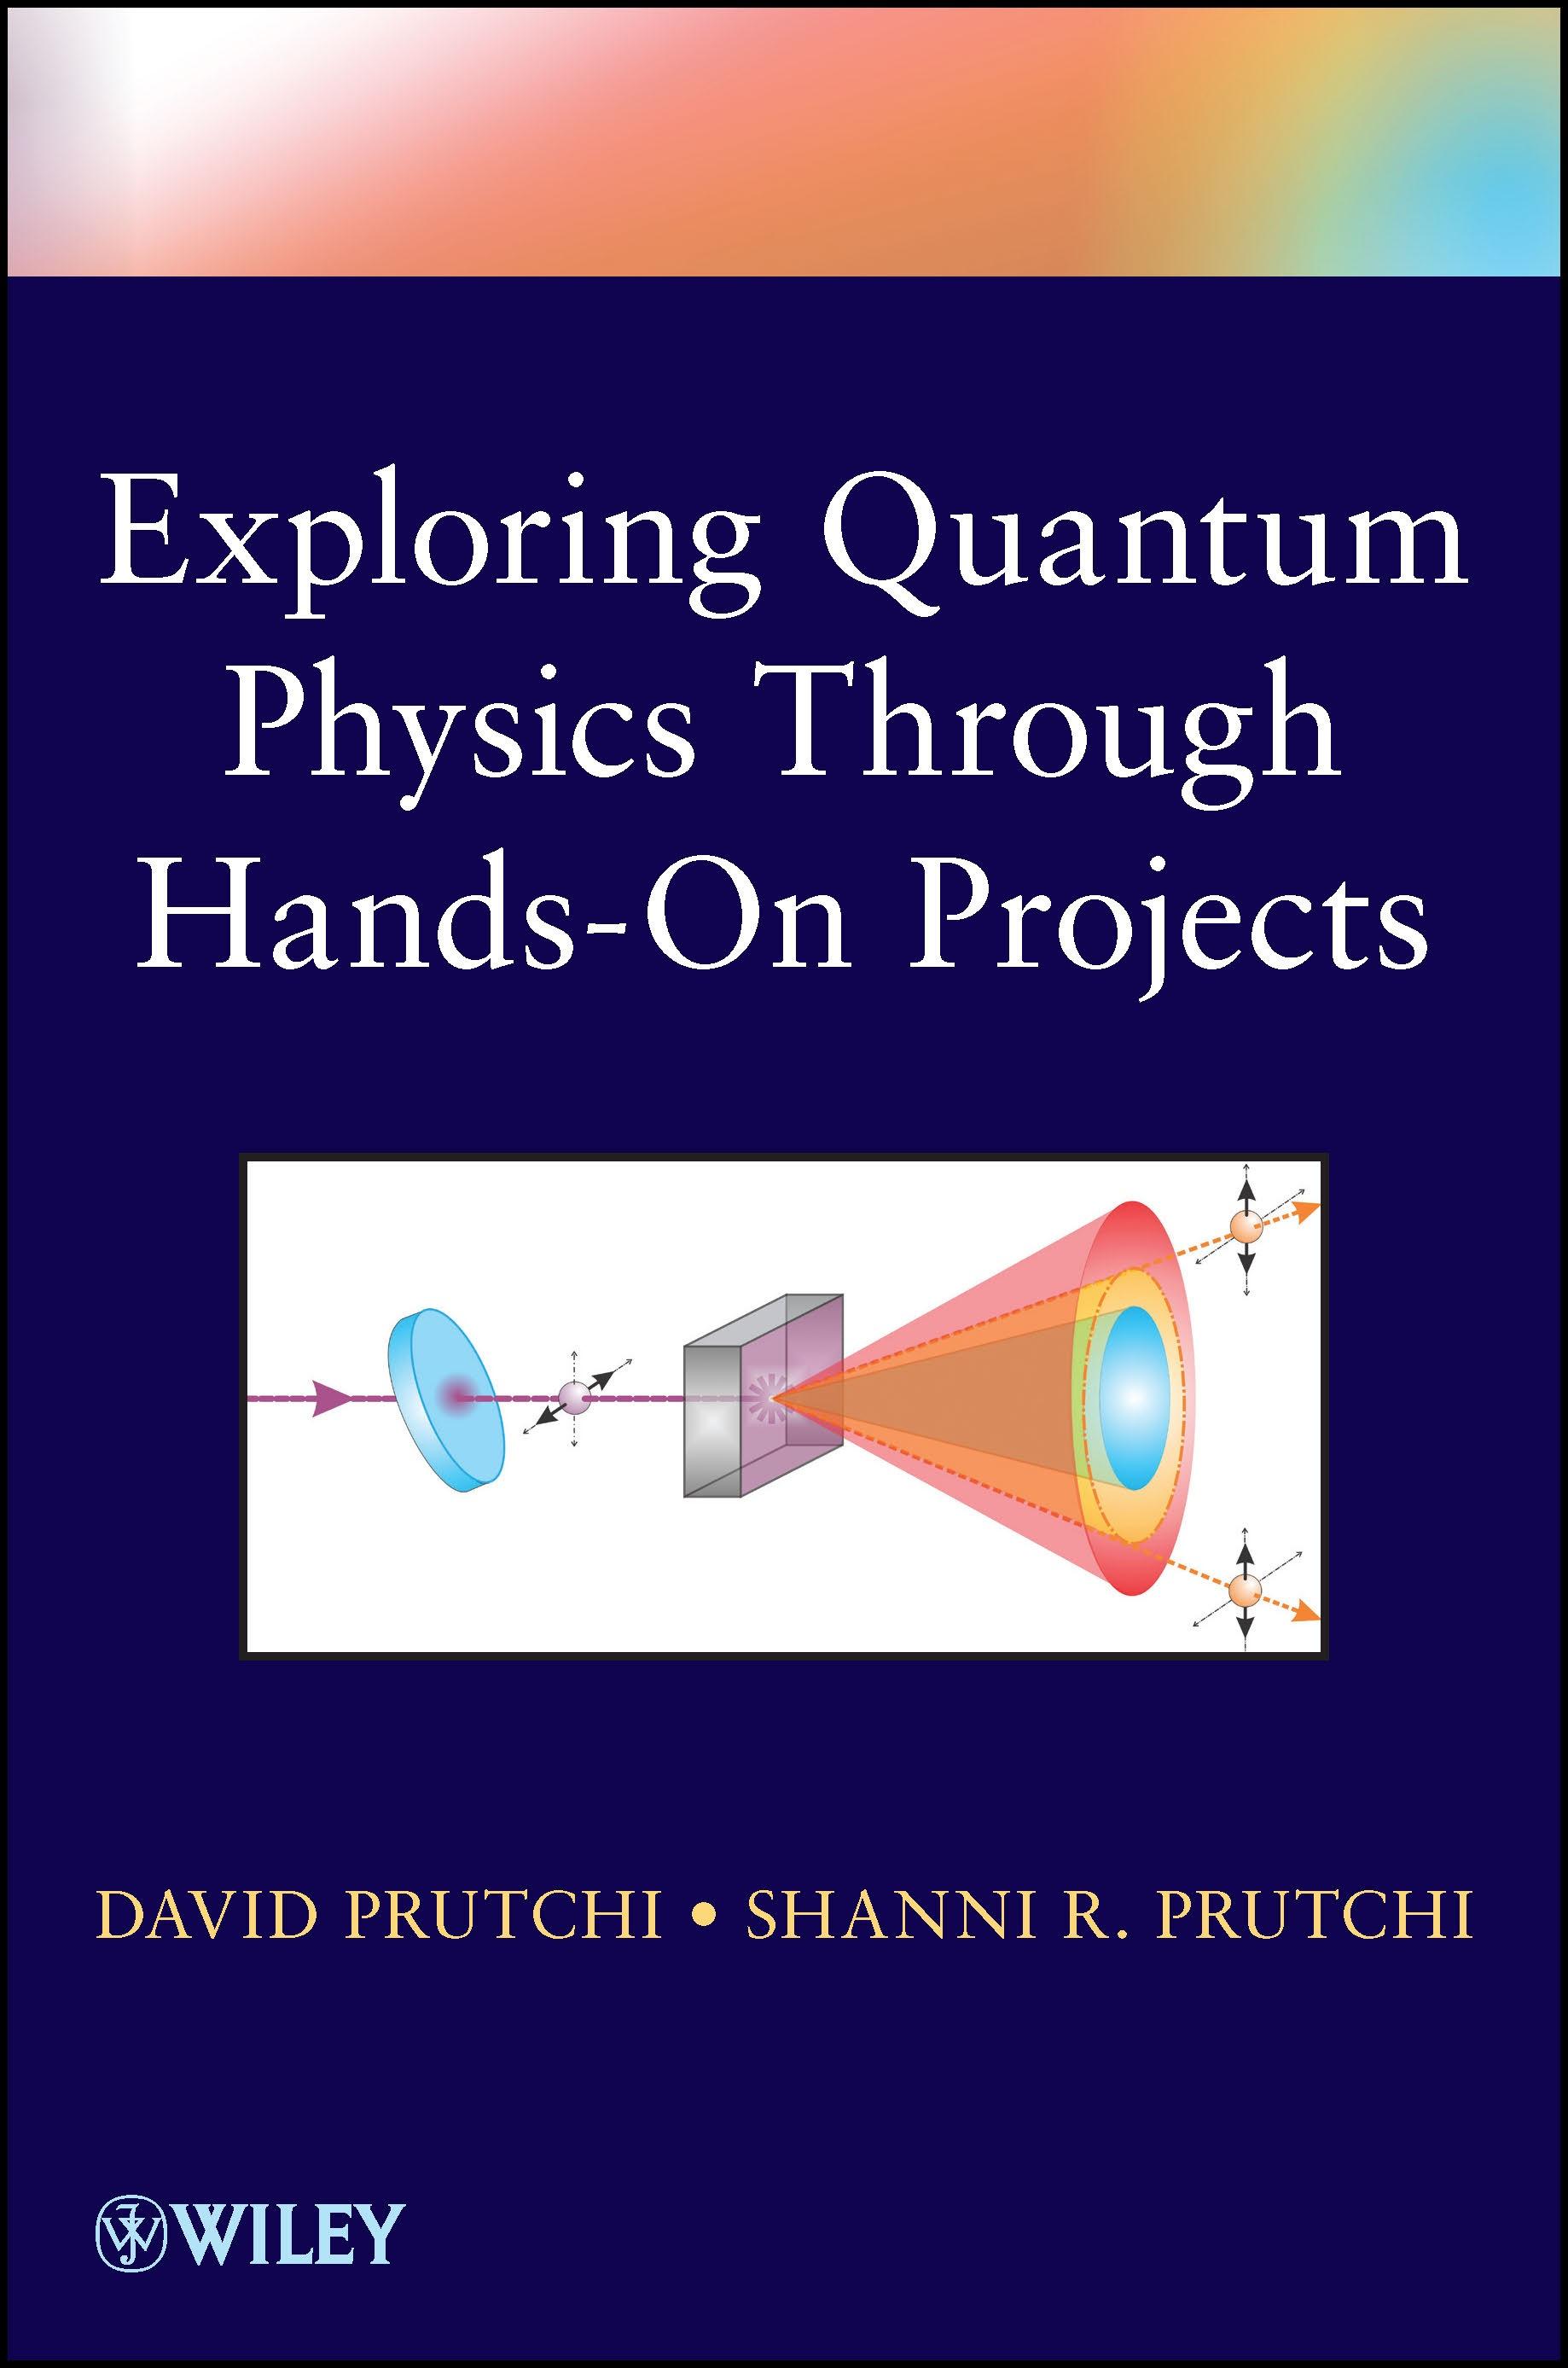 Book Contents Diy Physics Blog